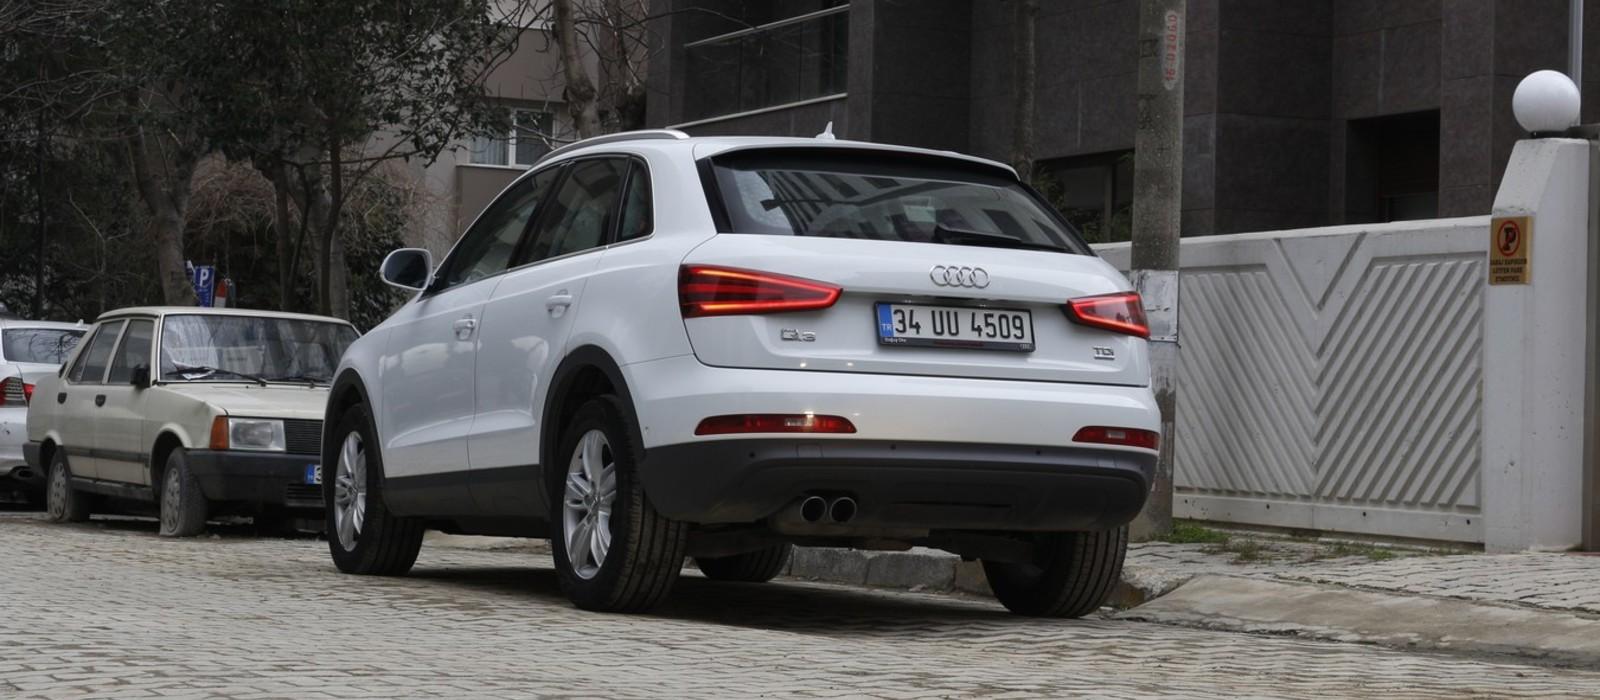 ikinci el araba 2012 Audi Q3 2.0 TDI Dizel Otomatik 79600 KM 1